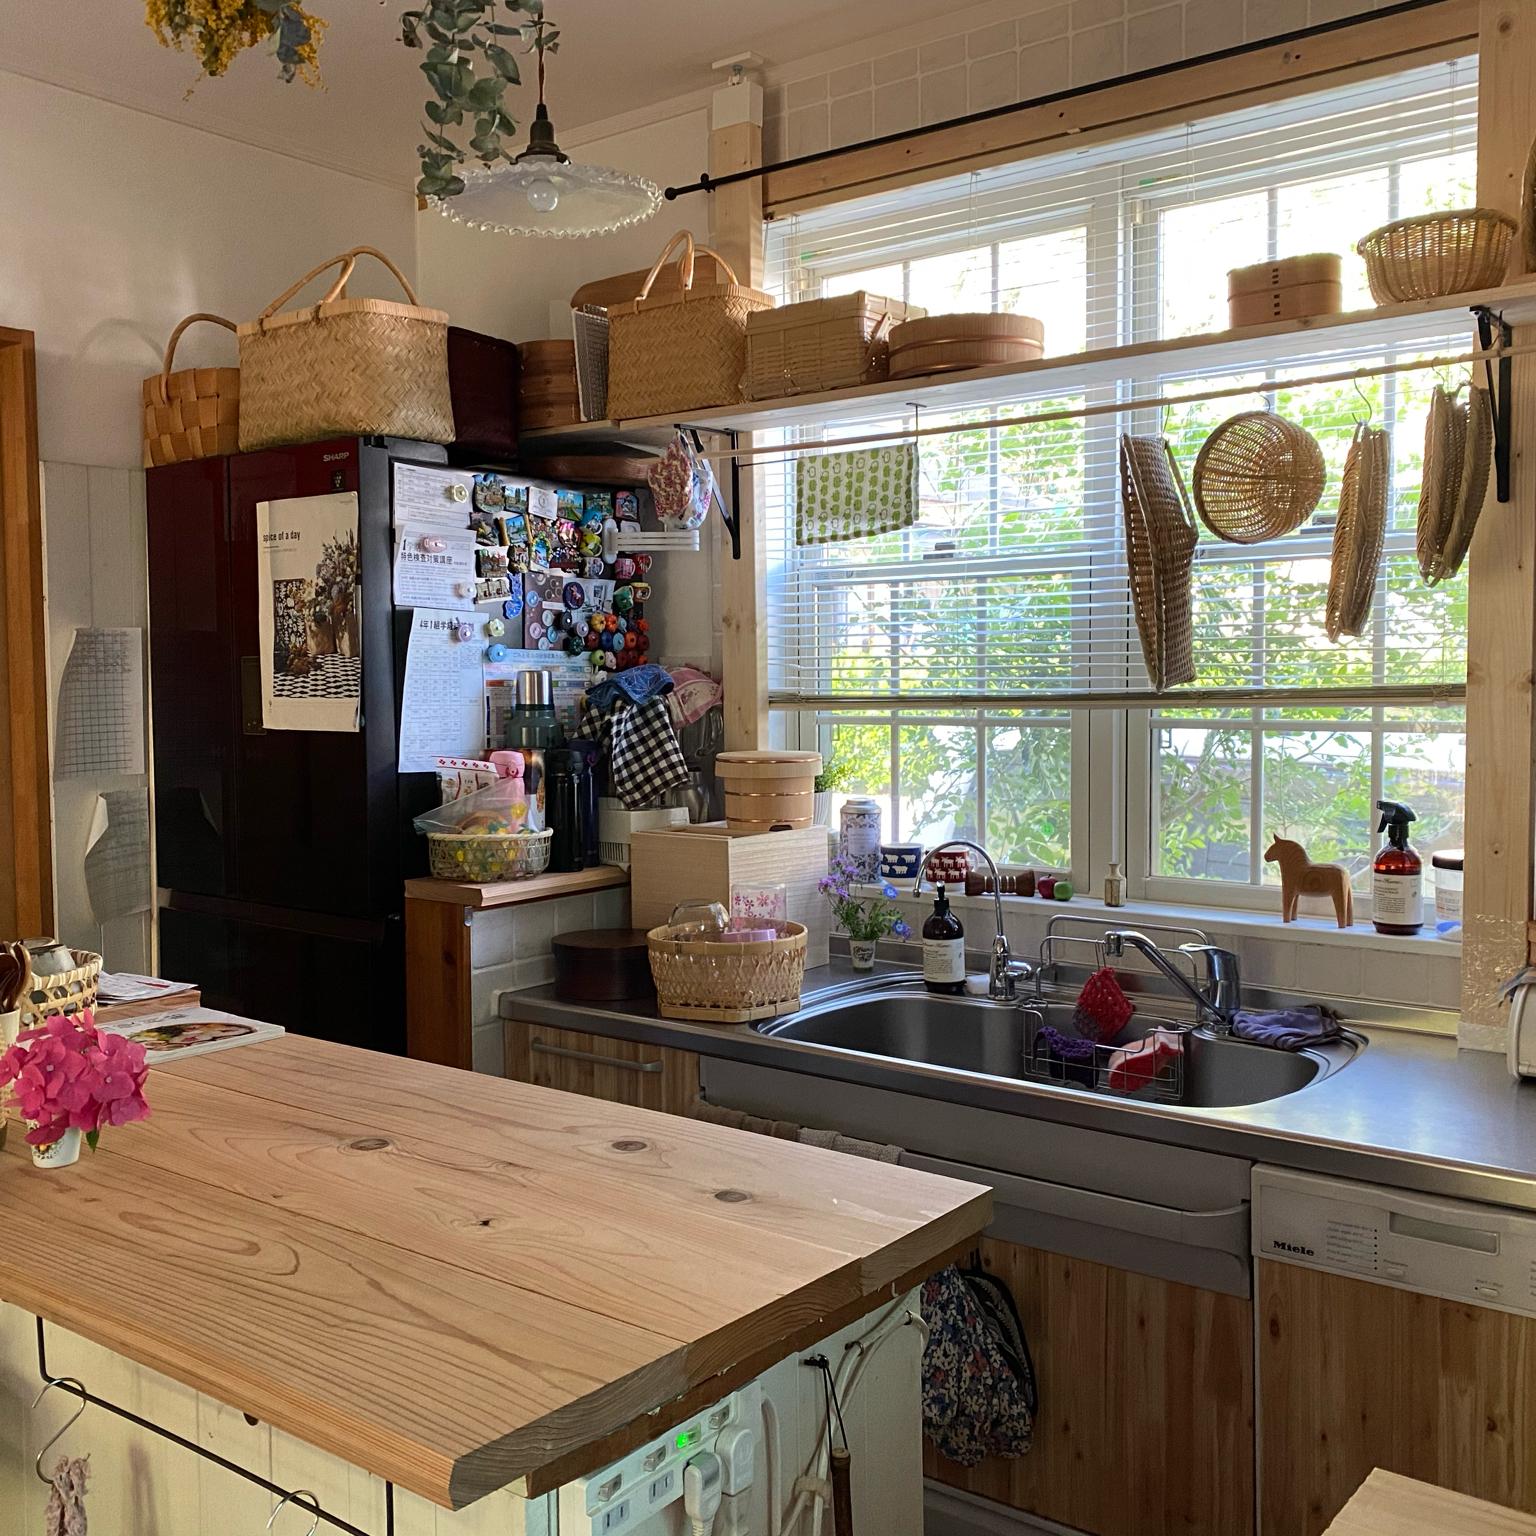 ストウブ鍋/モモナチュラルの家具/観葉植物/照宝せいろ/照明...などのインテリア実例 - 2021-04-22 22:42:53